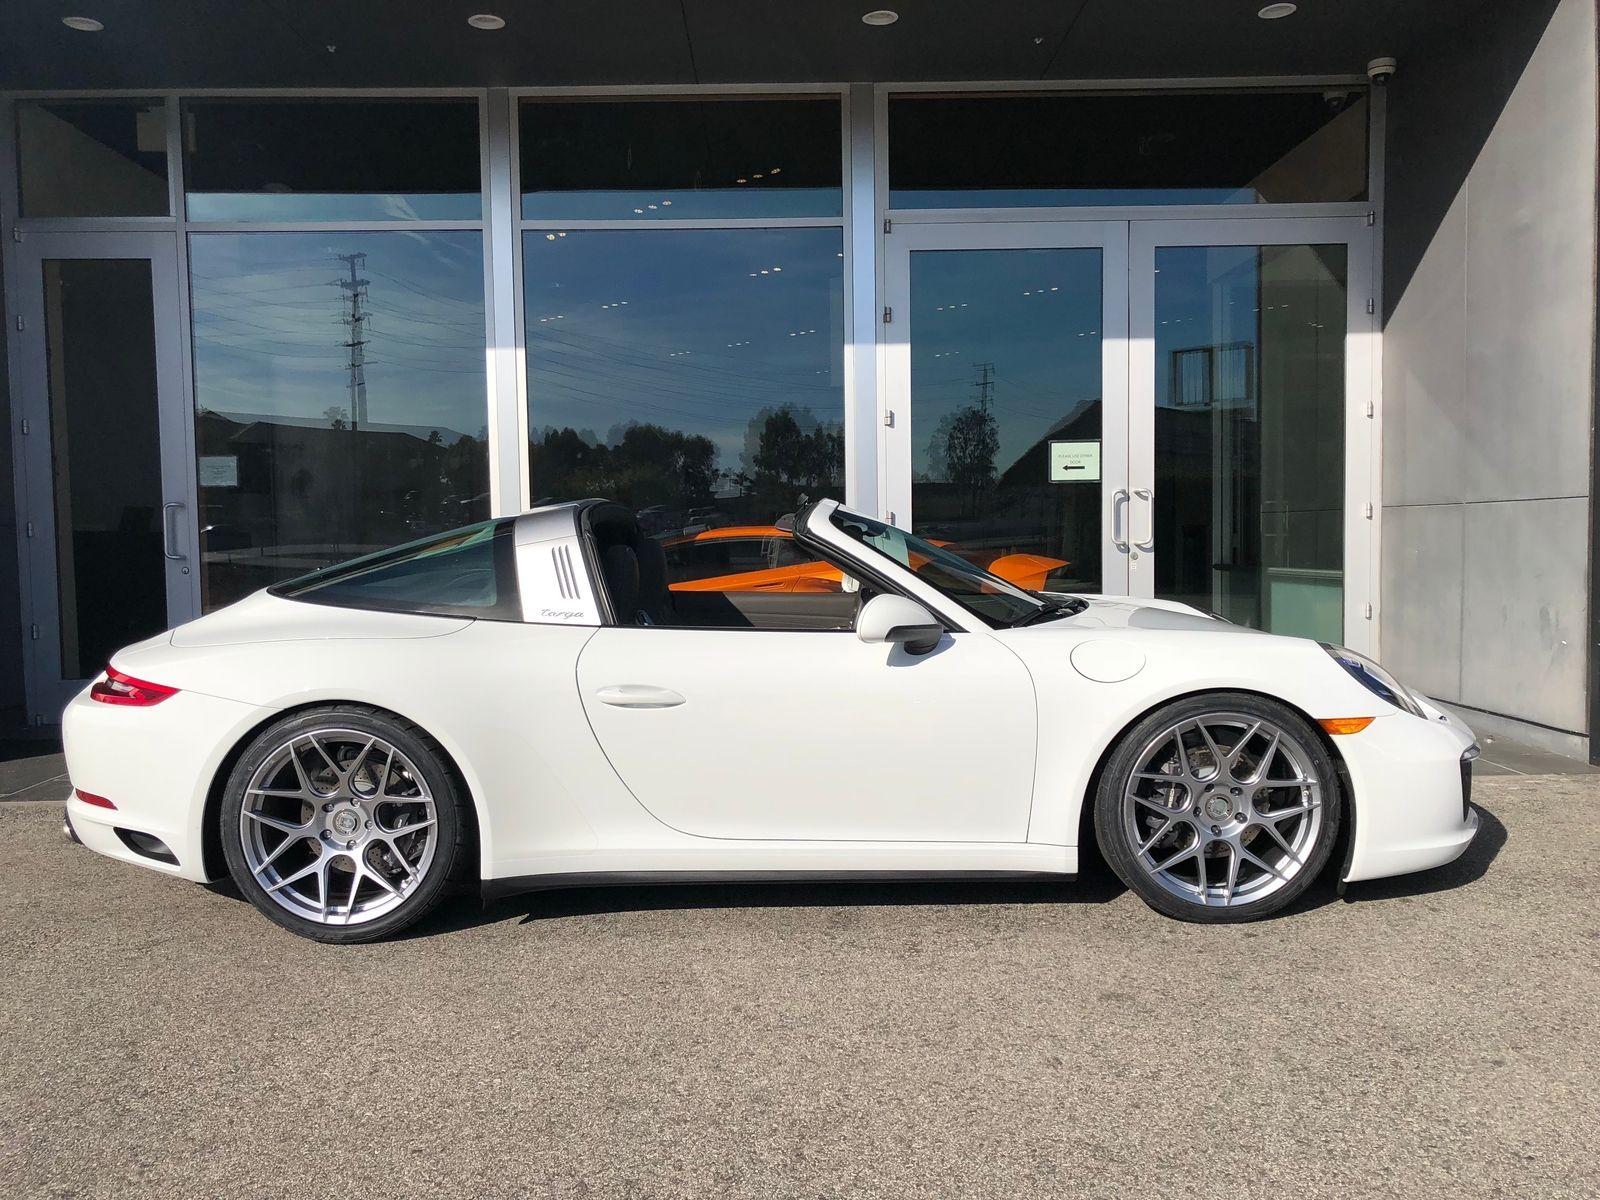 Amazing 2017 Porsche 911 Targa 4 2017 Porsche 911 Targa 4 Rare 7 Speed  Manual 991.2 2018,2019